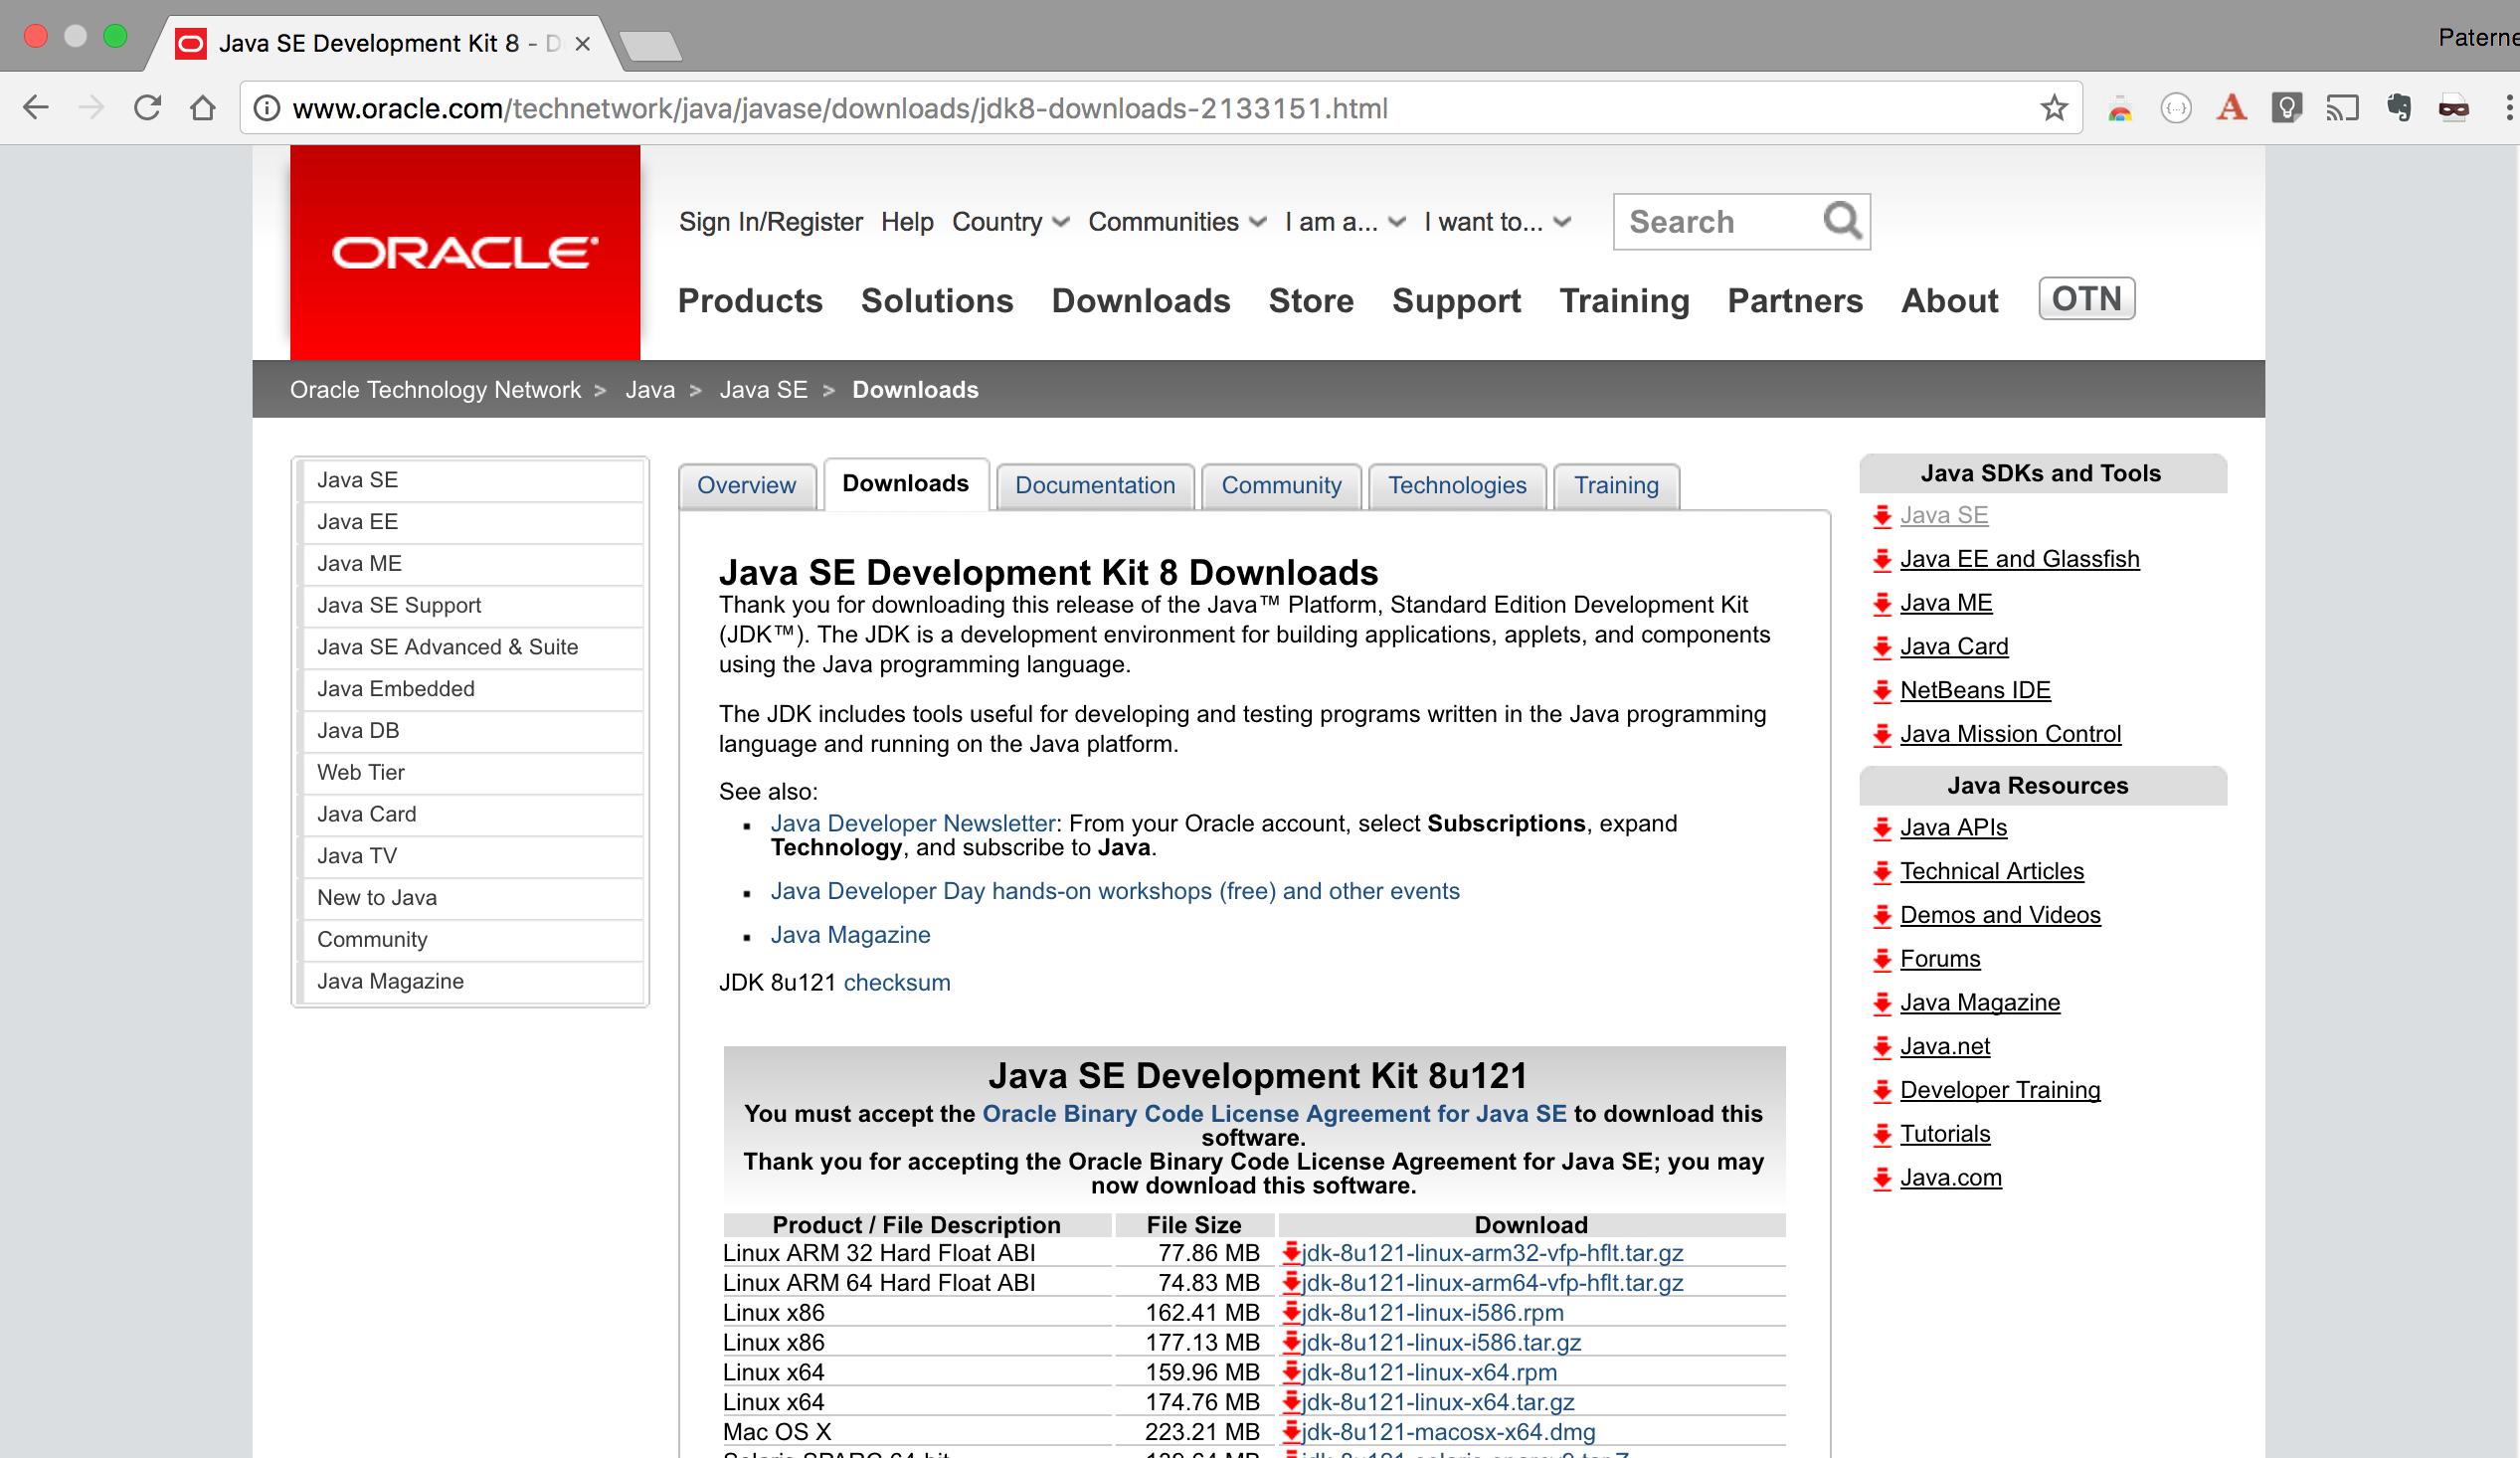 Installer Java en ligne de commande sur une machine Linux